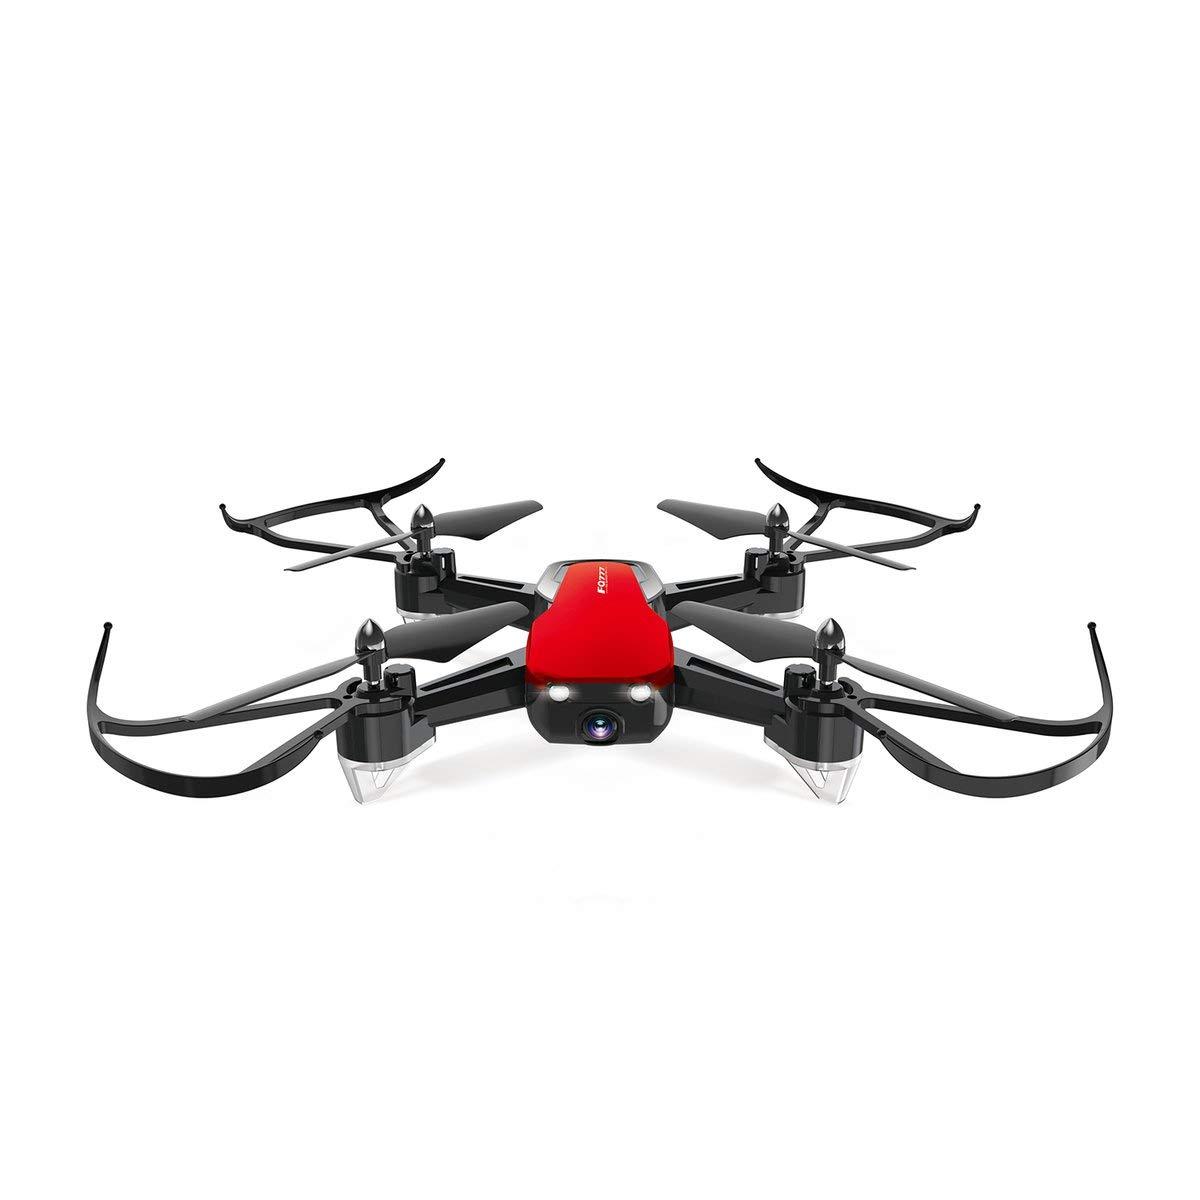 Gugutogo FQ777 FQ40 2.4G Mini WiFi FPV con 480P HD Camera Altitude Hold Mode in Tempo Reale Pieghevole RC Drone Quadcopter RTF Nero Rosso